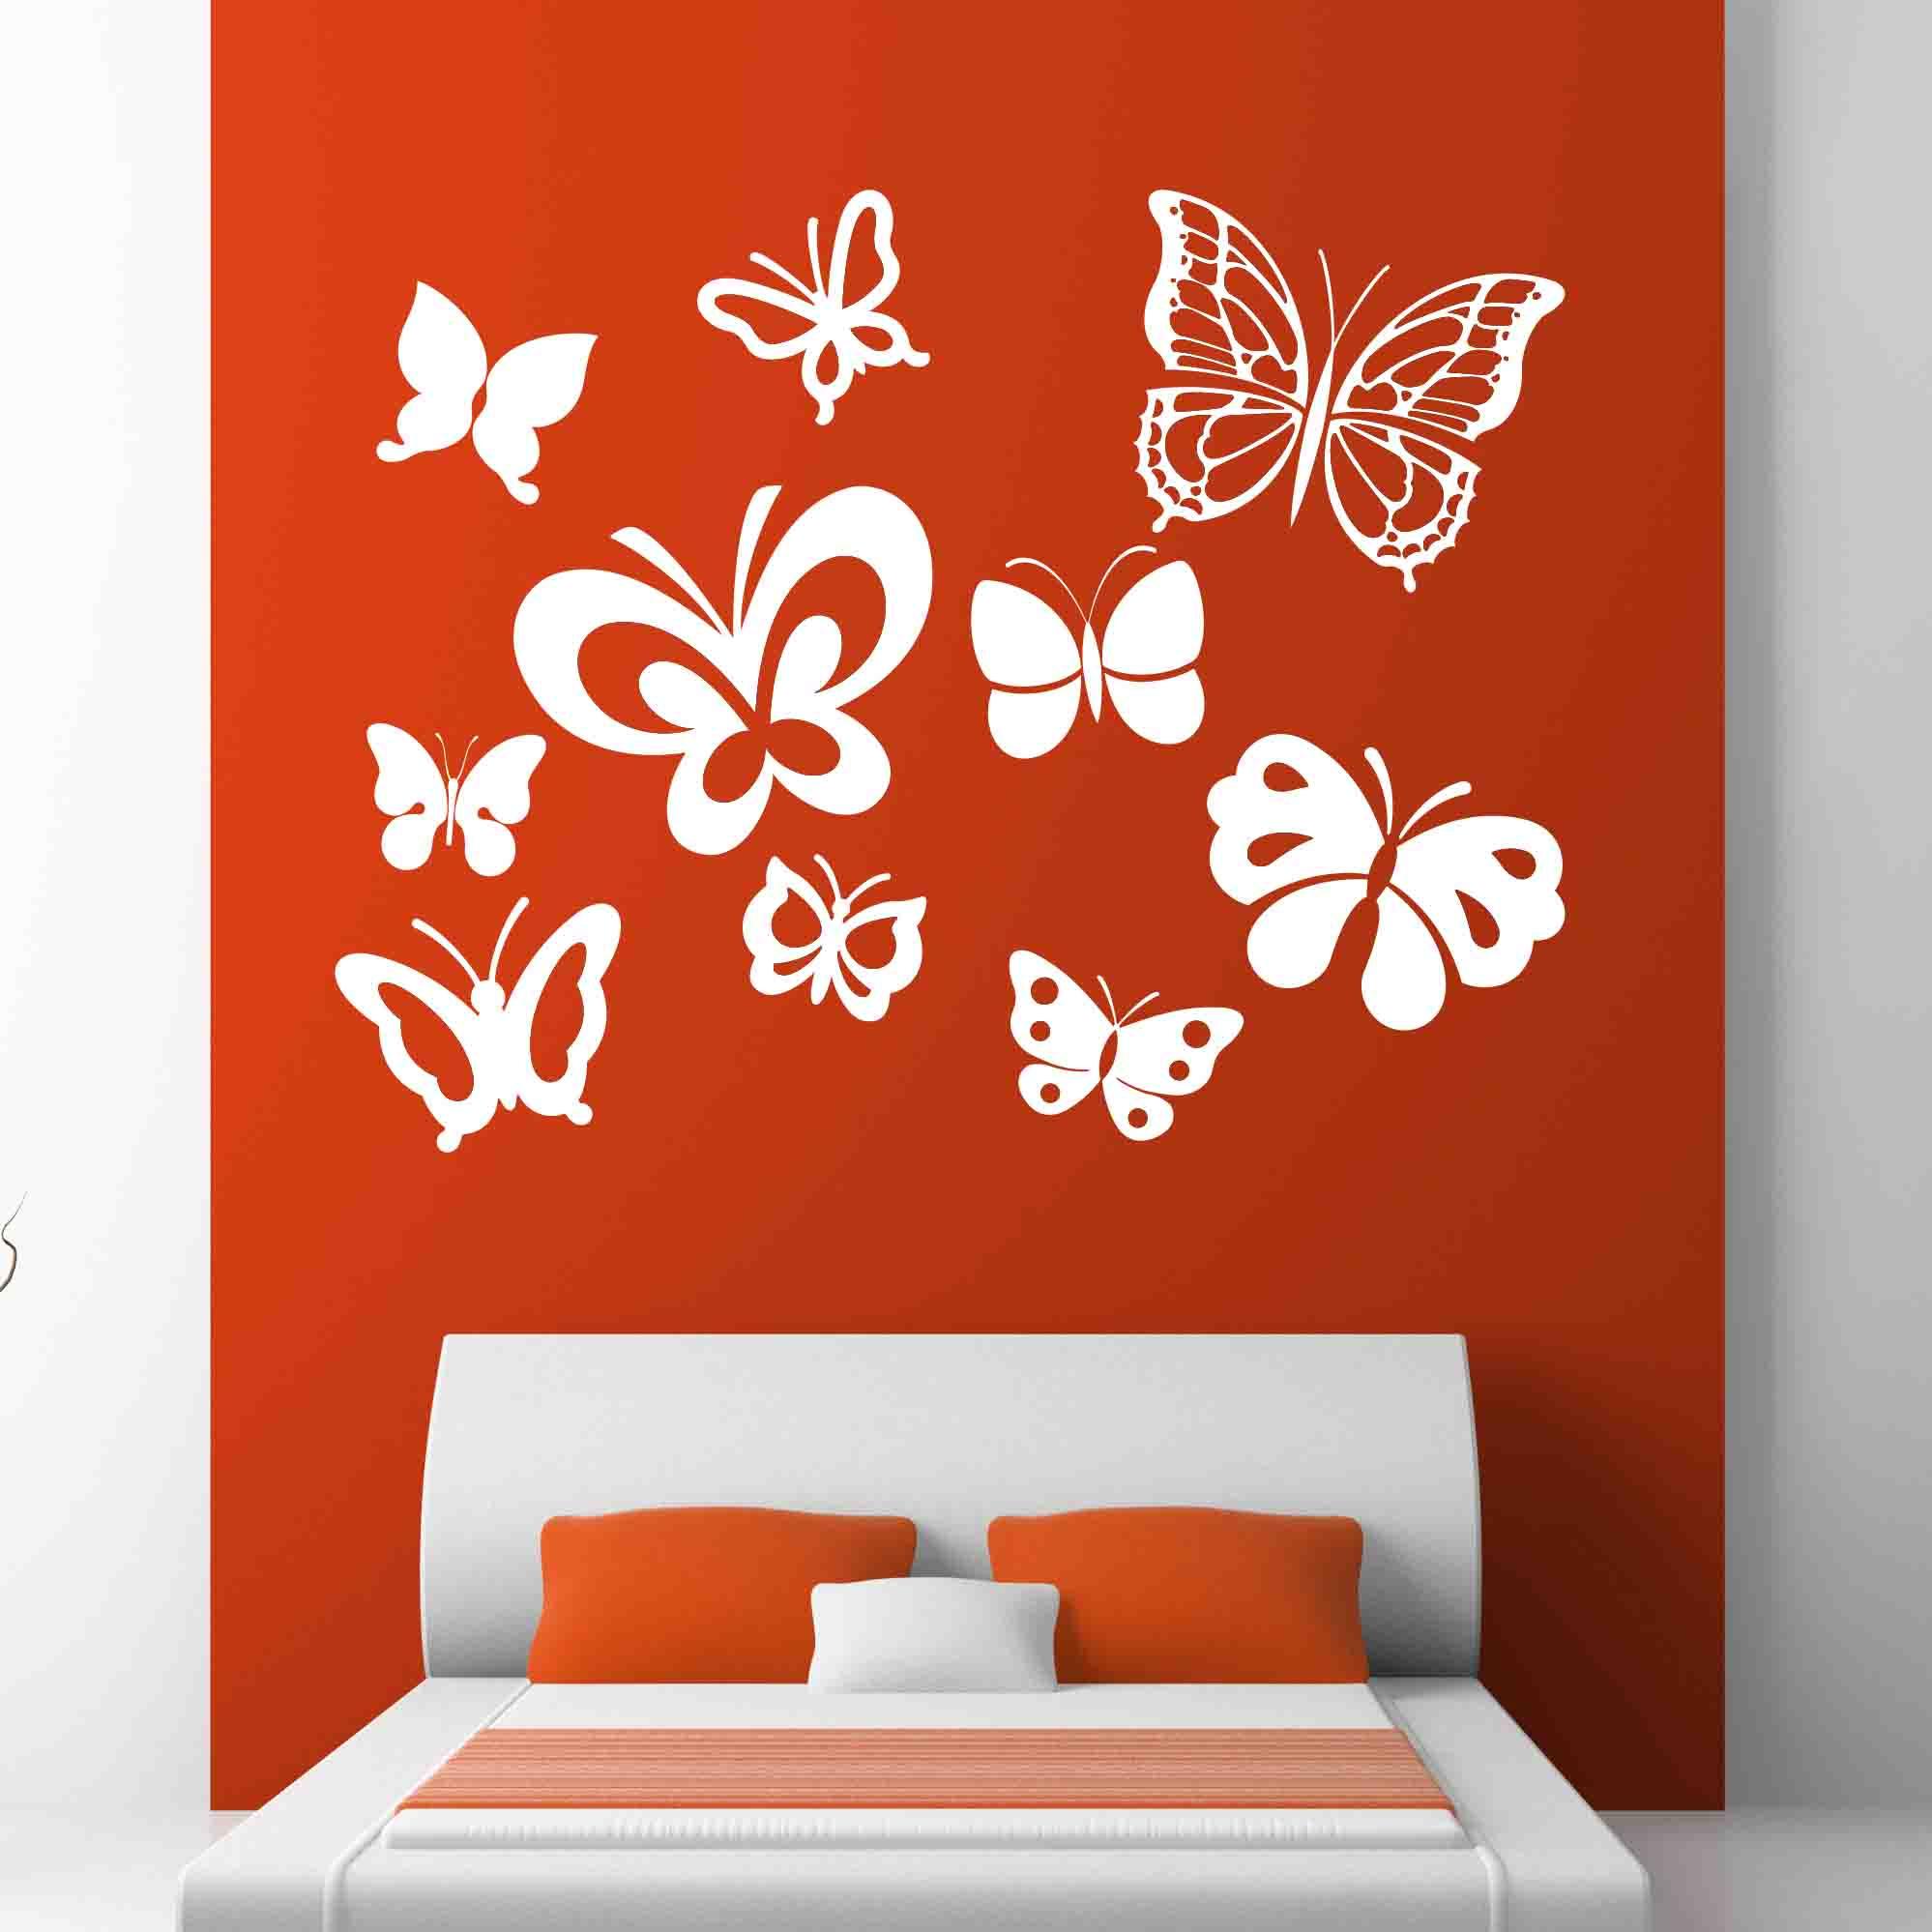 Butterflies wall mural cutzz for Butterfly wall mural